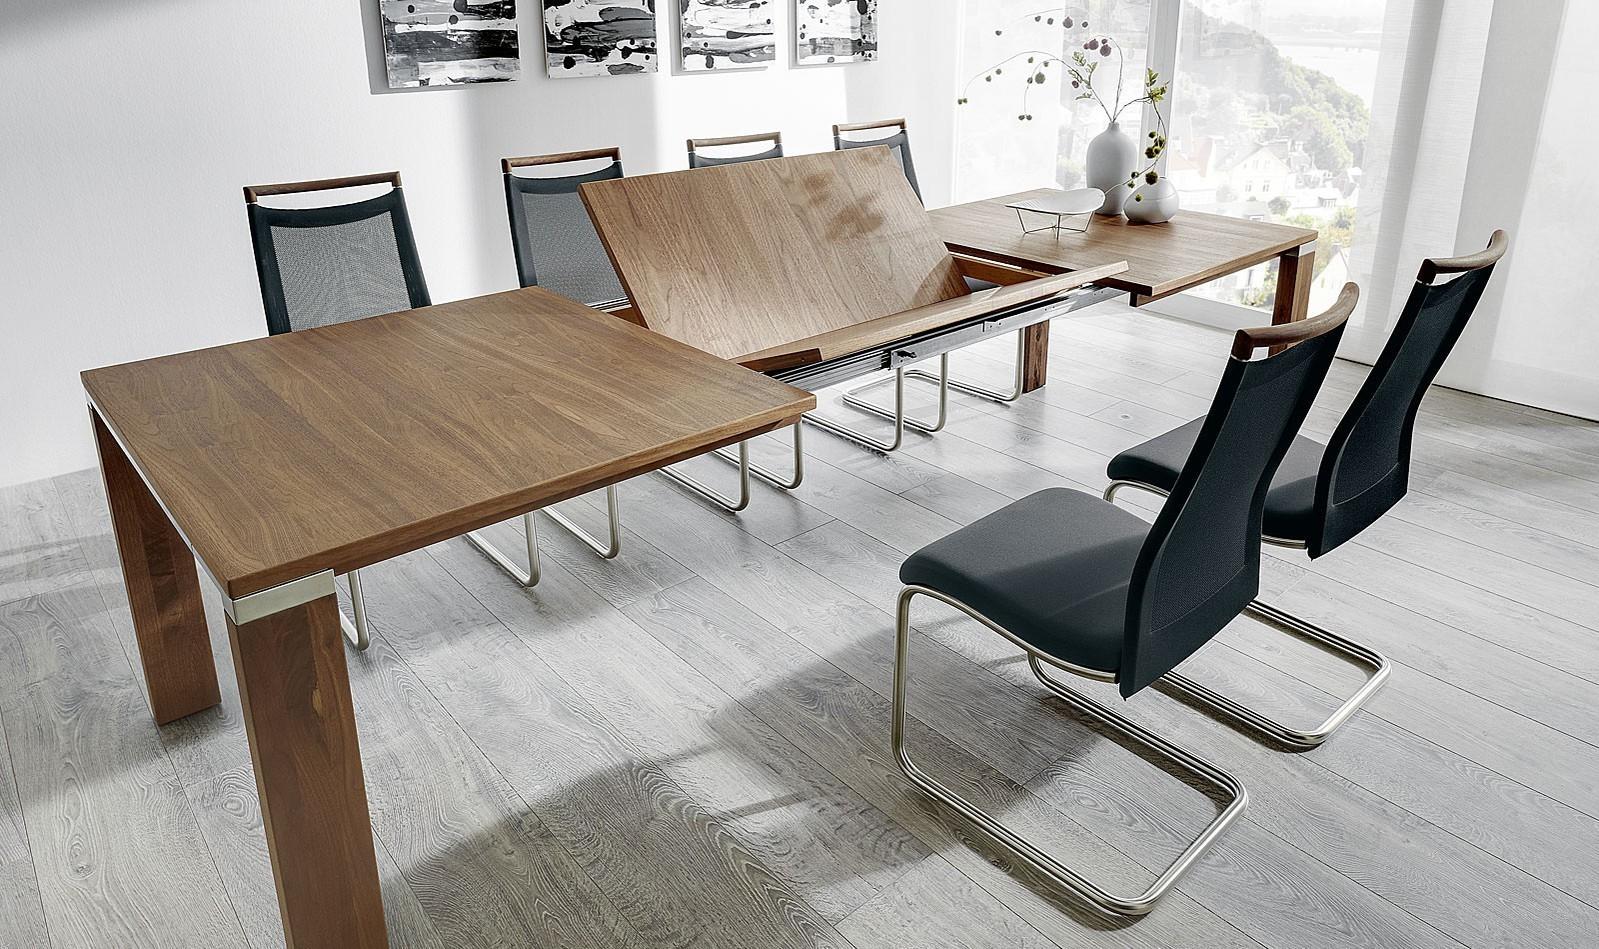 venjakob esstisch multiflex breite 100 cm 1 klappeinlage 100 cm. Black Bedroom Furniture Sets. Home Design Ideas